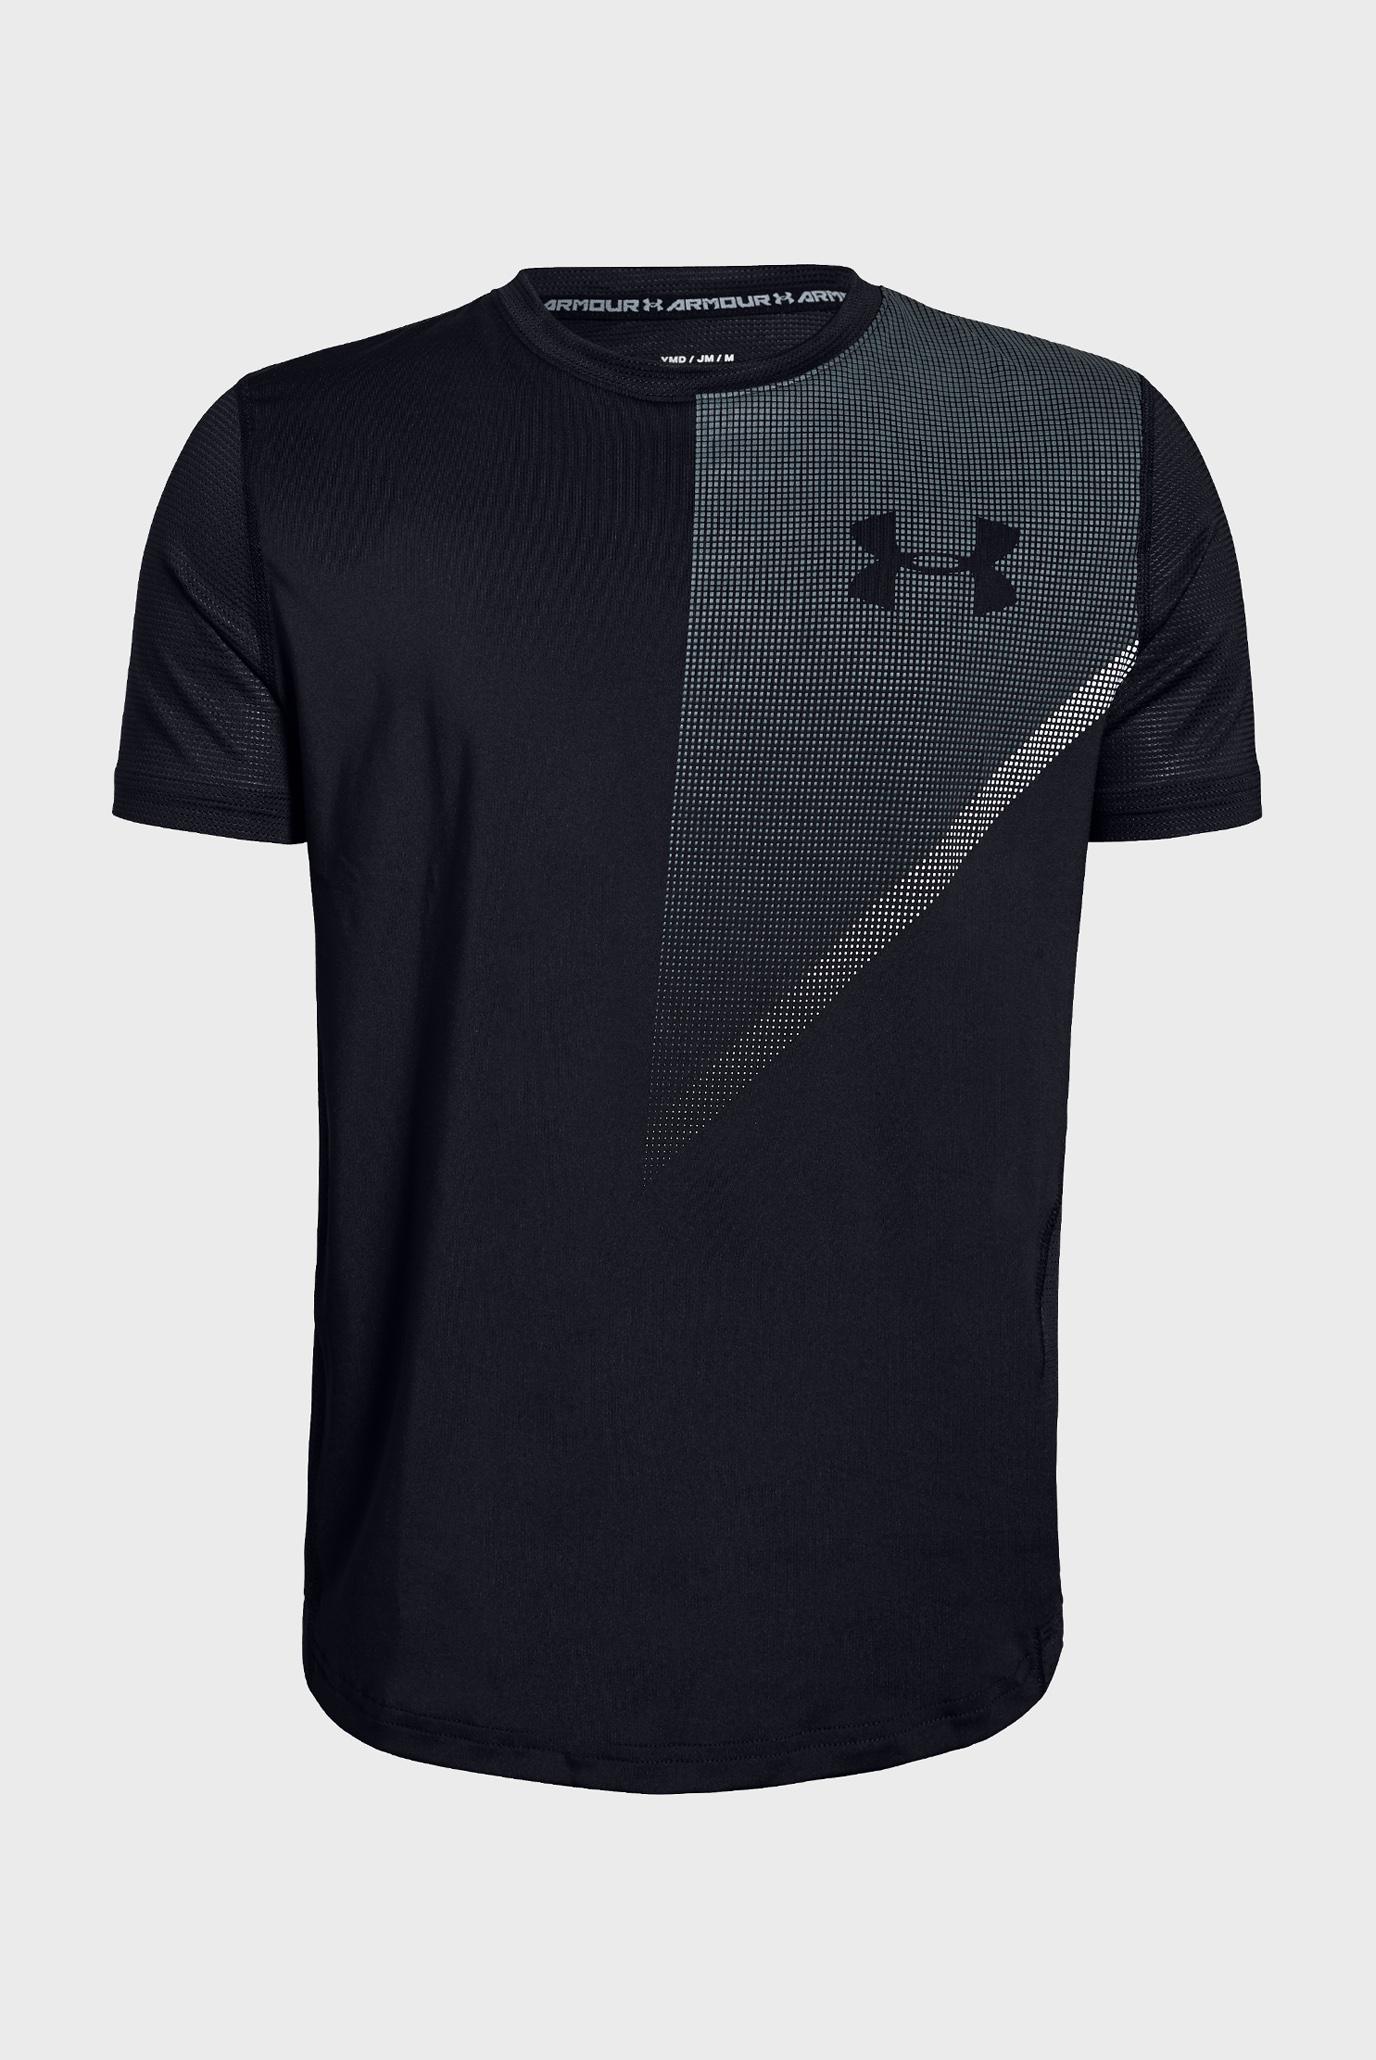 Купить Детская черная футболка Raid Short Sleeve Tee Under Armour Under Armour 1332807-001 – Киев, Украина. Цены в интернет магазине MD Fashion